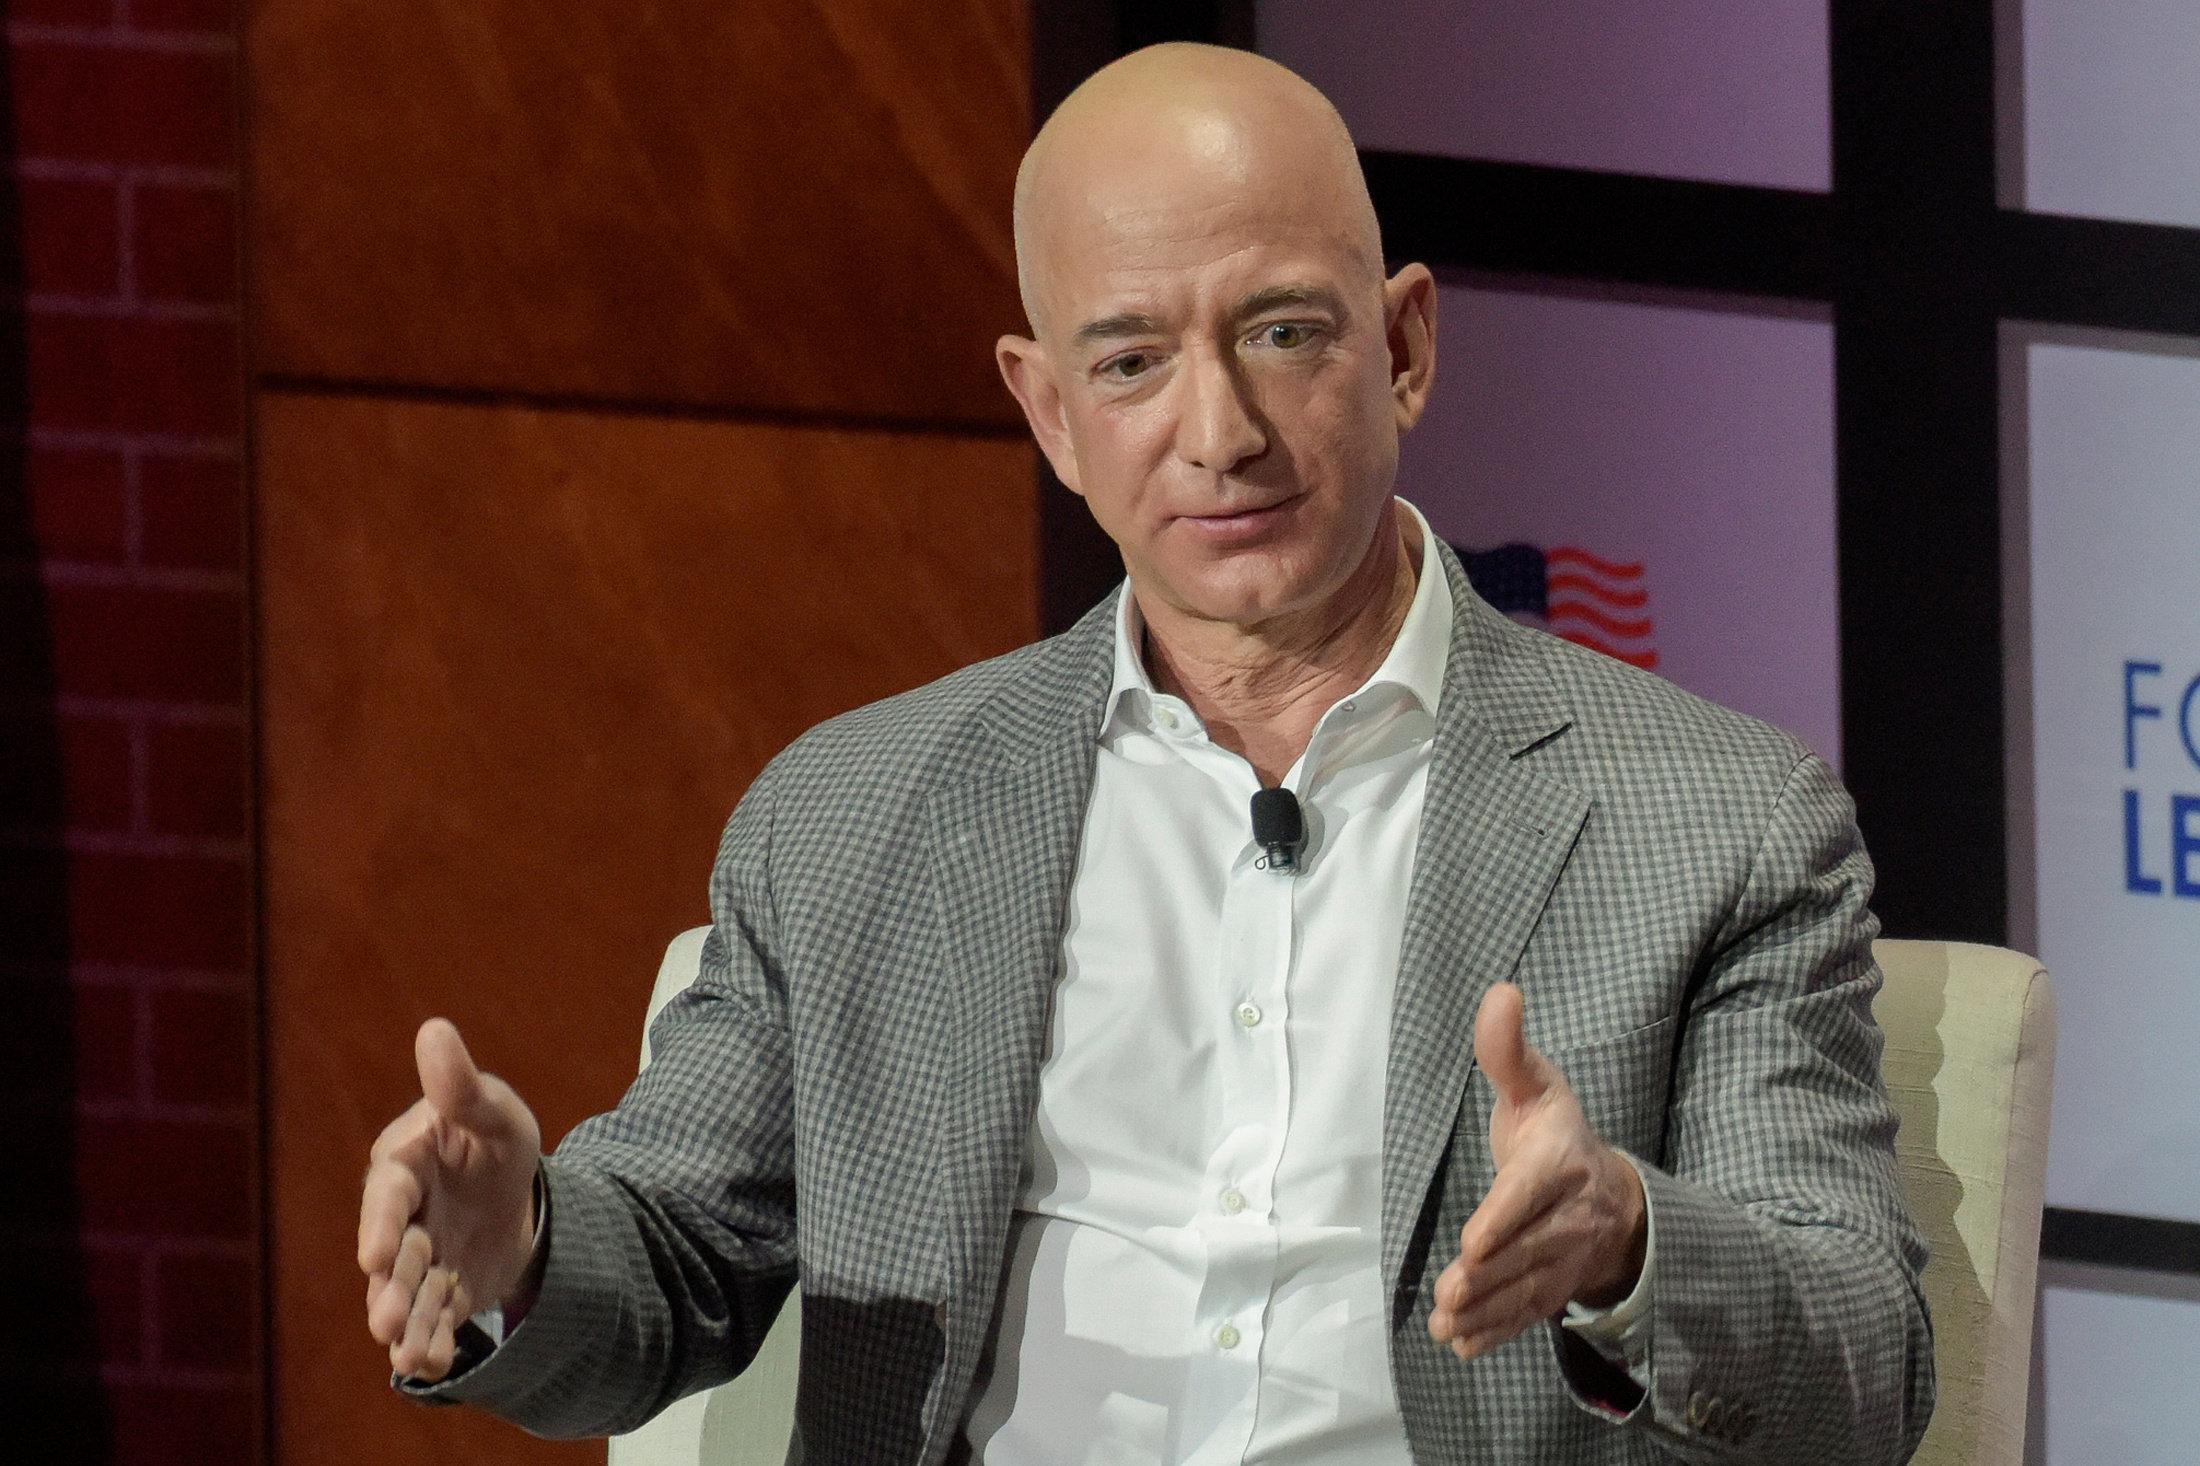 O πλουσιότερος άνθρωπος στον κόσμο ιδρύει ταμείο ύψους 2 δισ. για την εκπαίδευση των μη